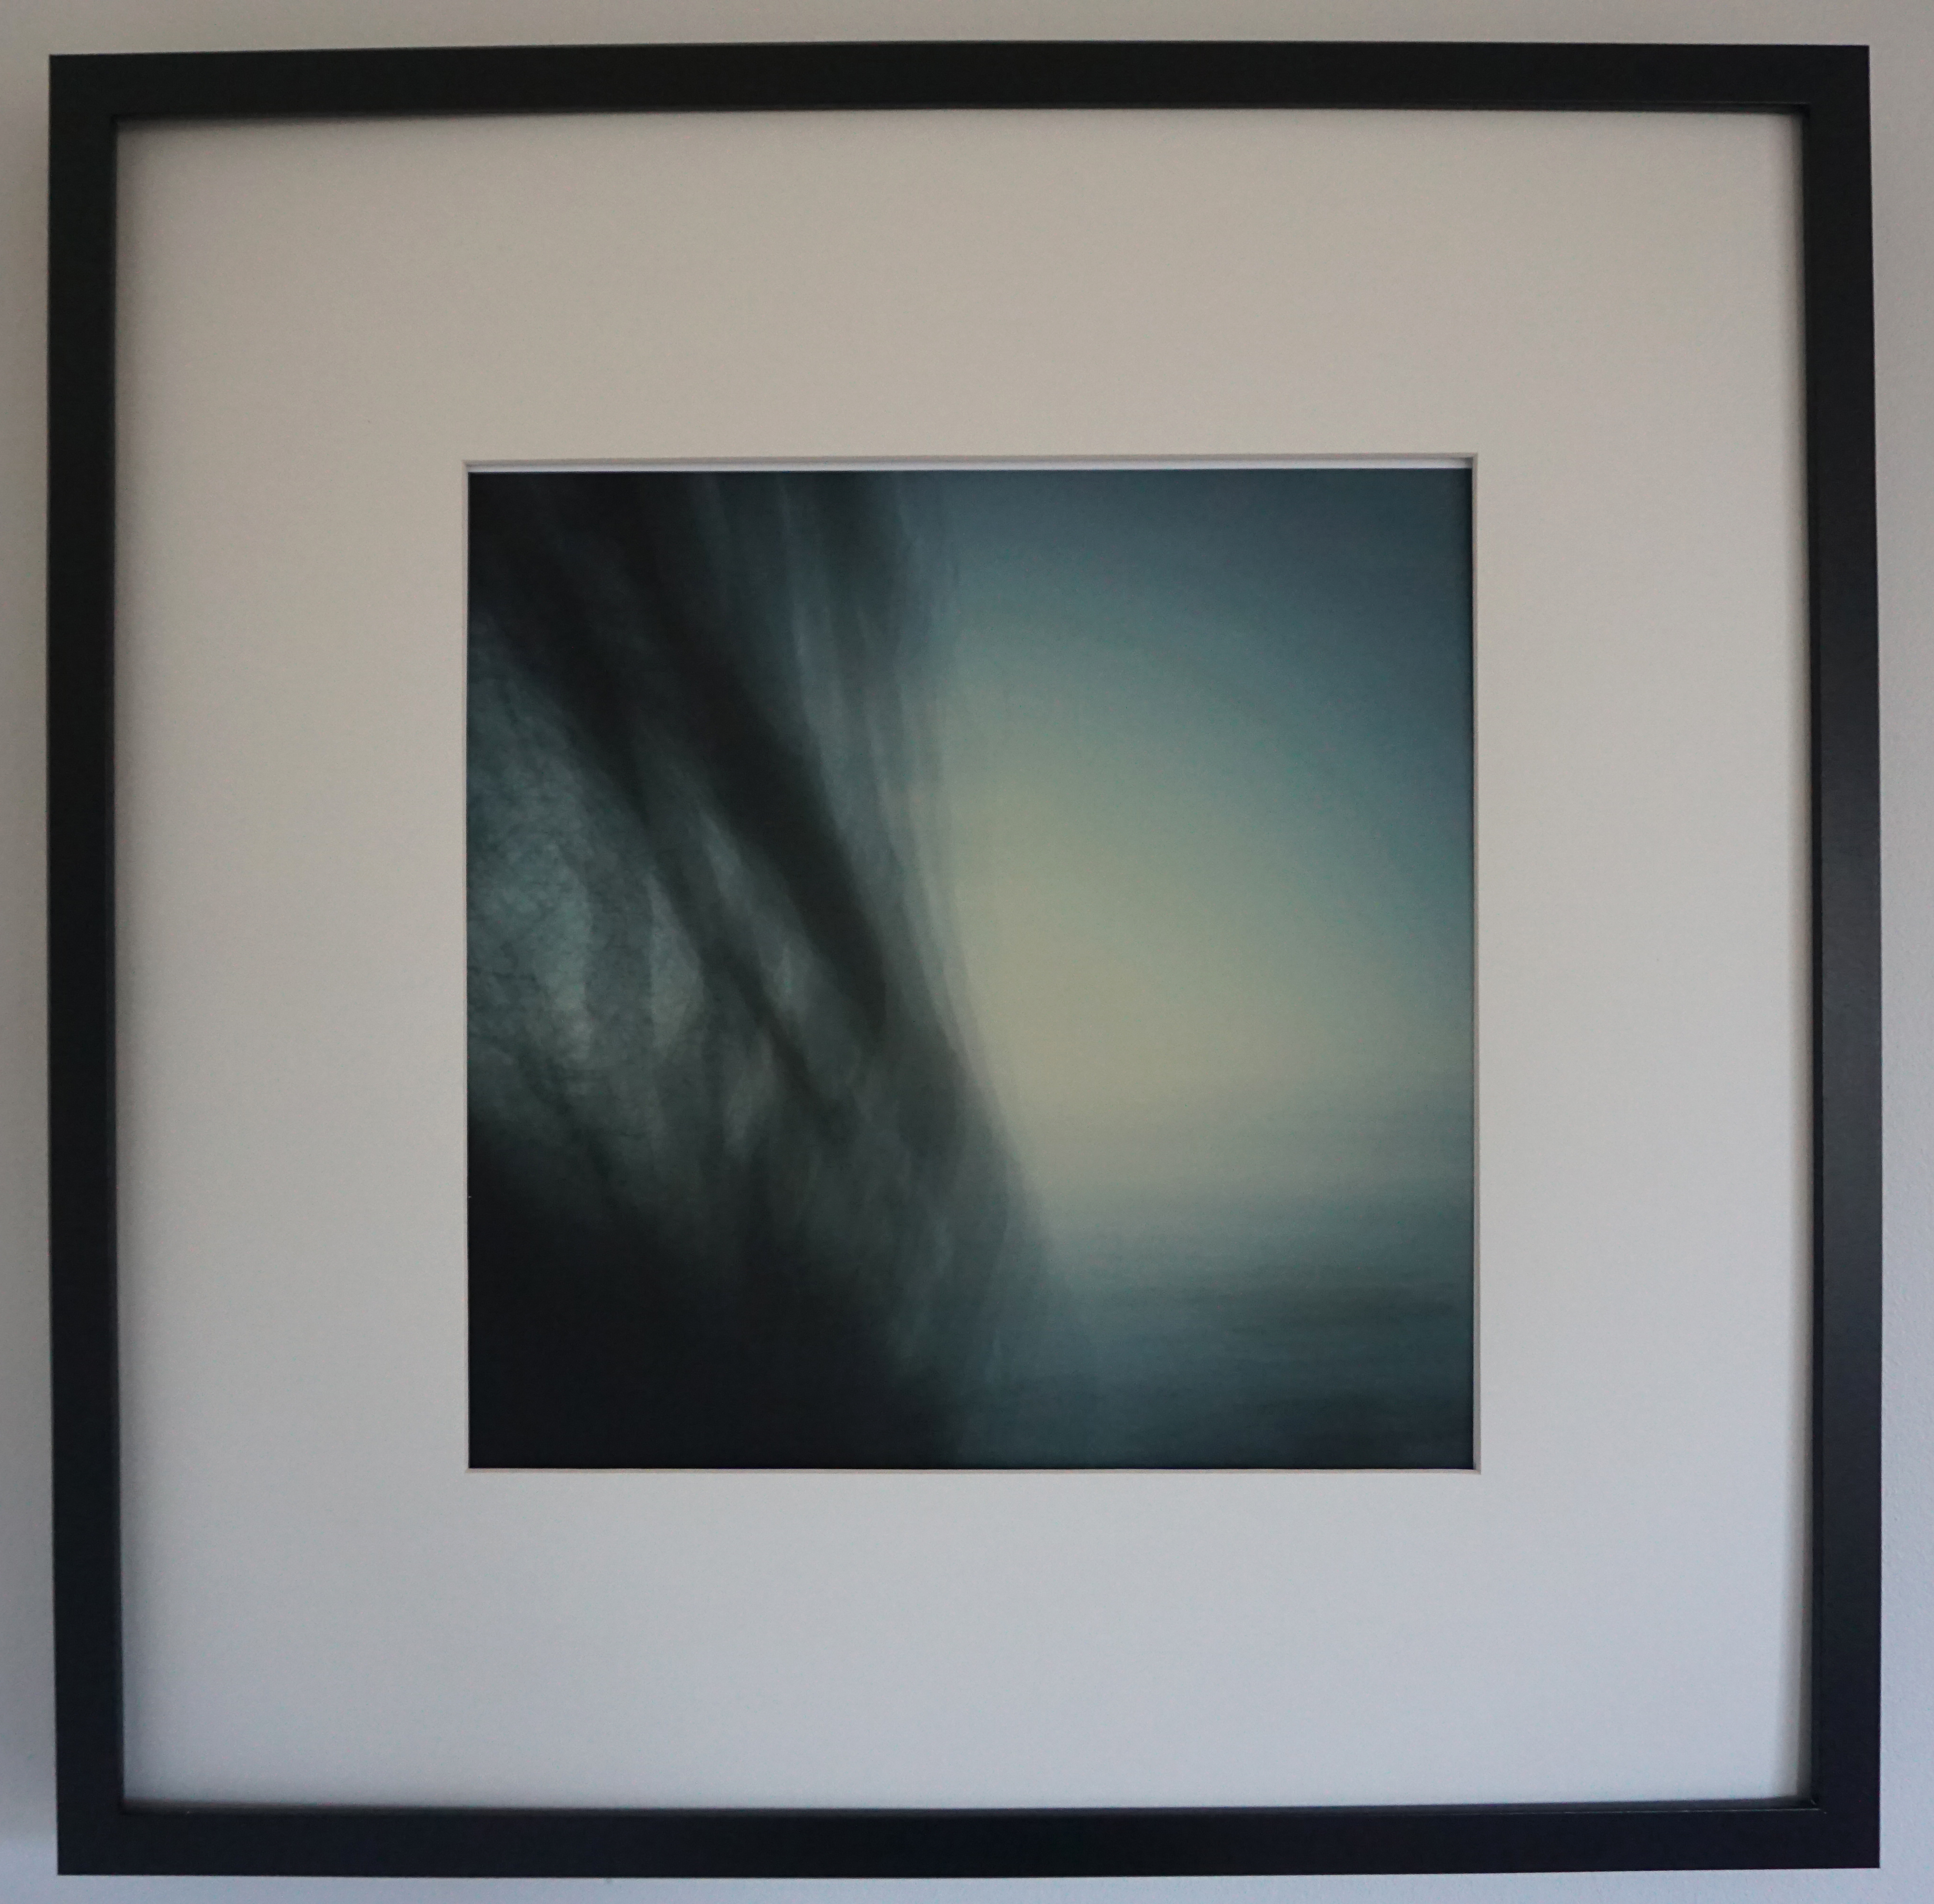 'Current' ©2015 Sarah Bell.